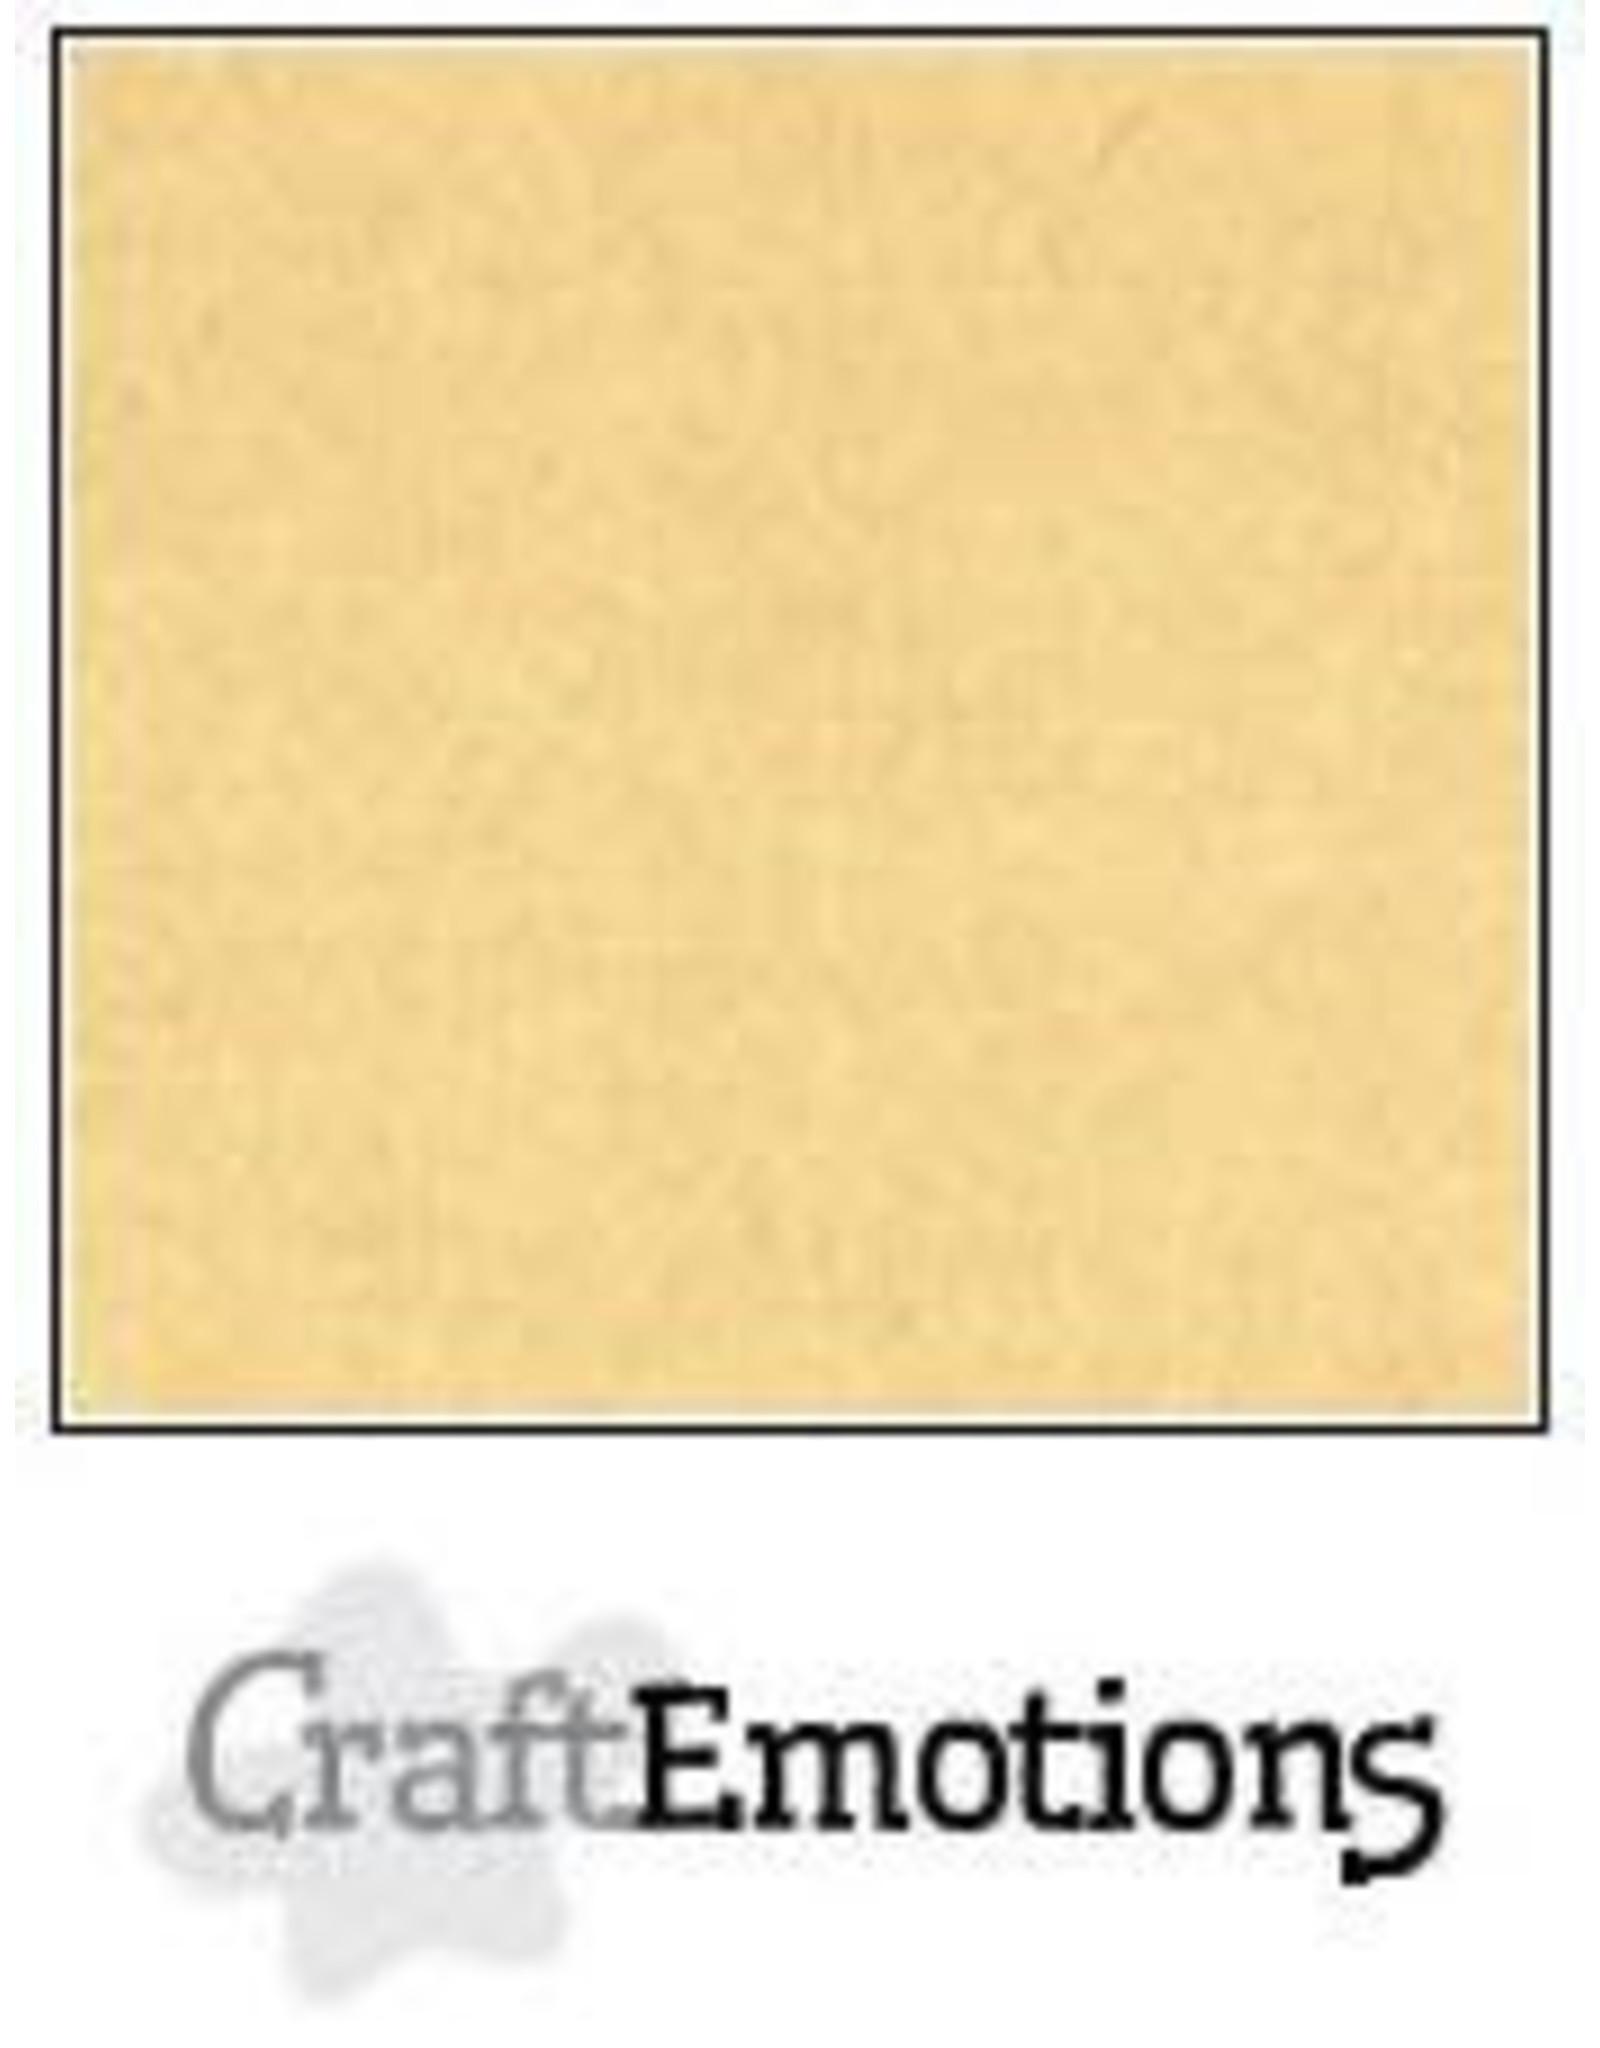 Craft Emotions CraftEmotions linnenkarton honing (kraft) 30,0x30,0cm